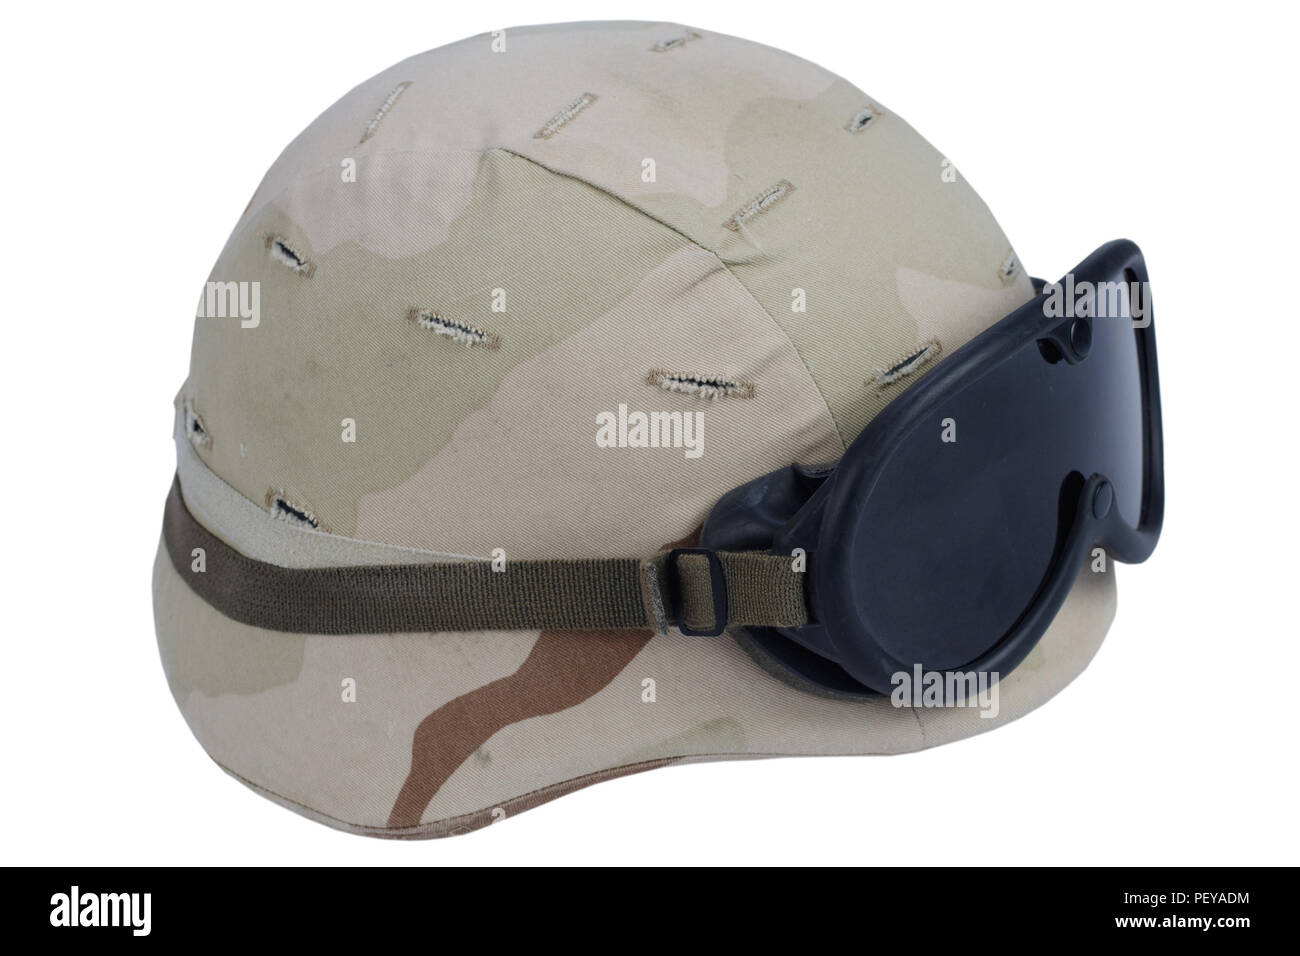 Ejército casco Kevlar con gafas y cubierta camoflage aislado sobre fondo  blanco. 514114fdaa5